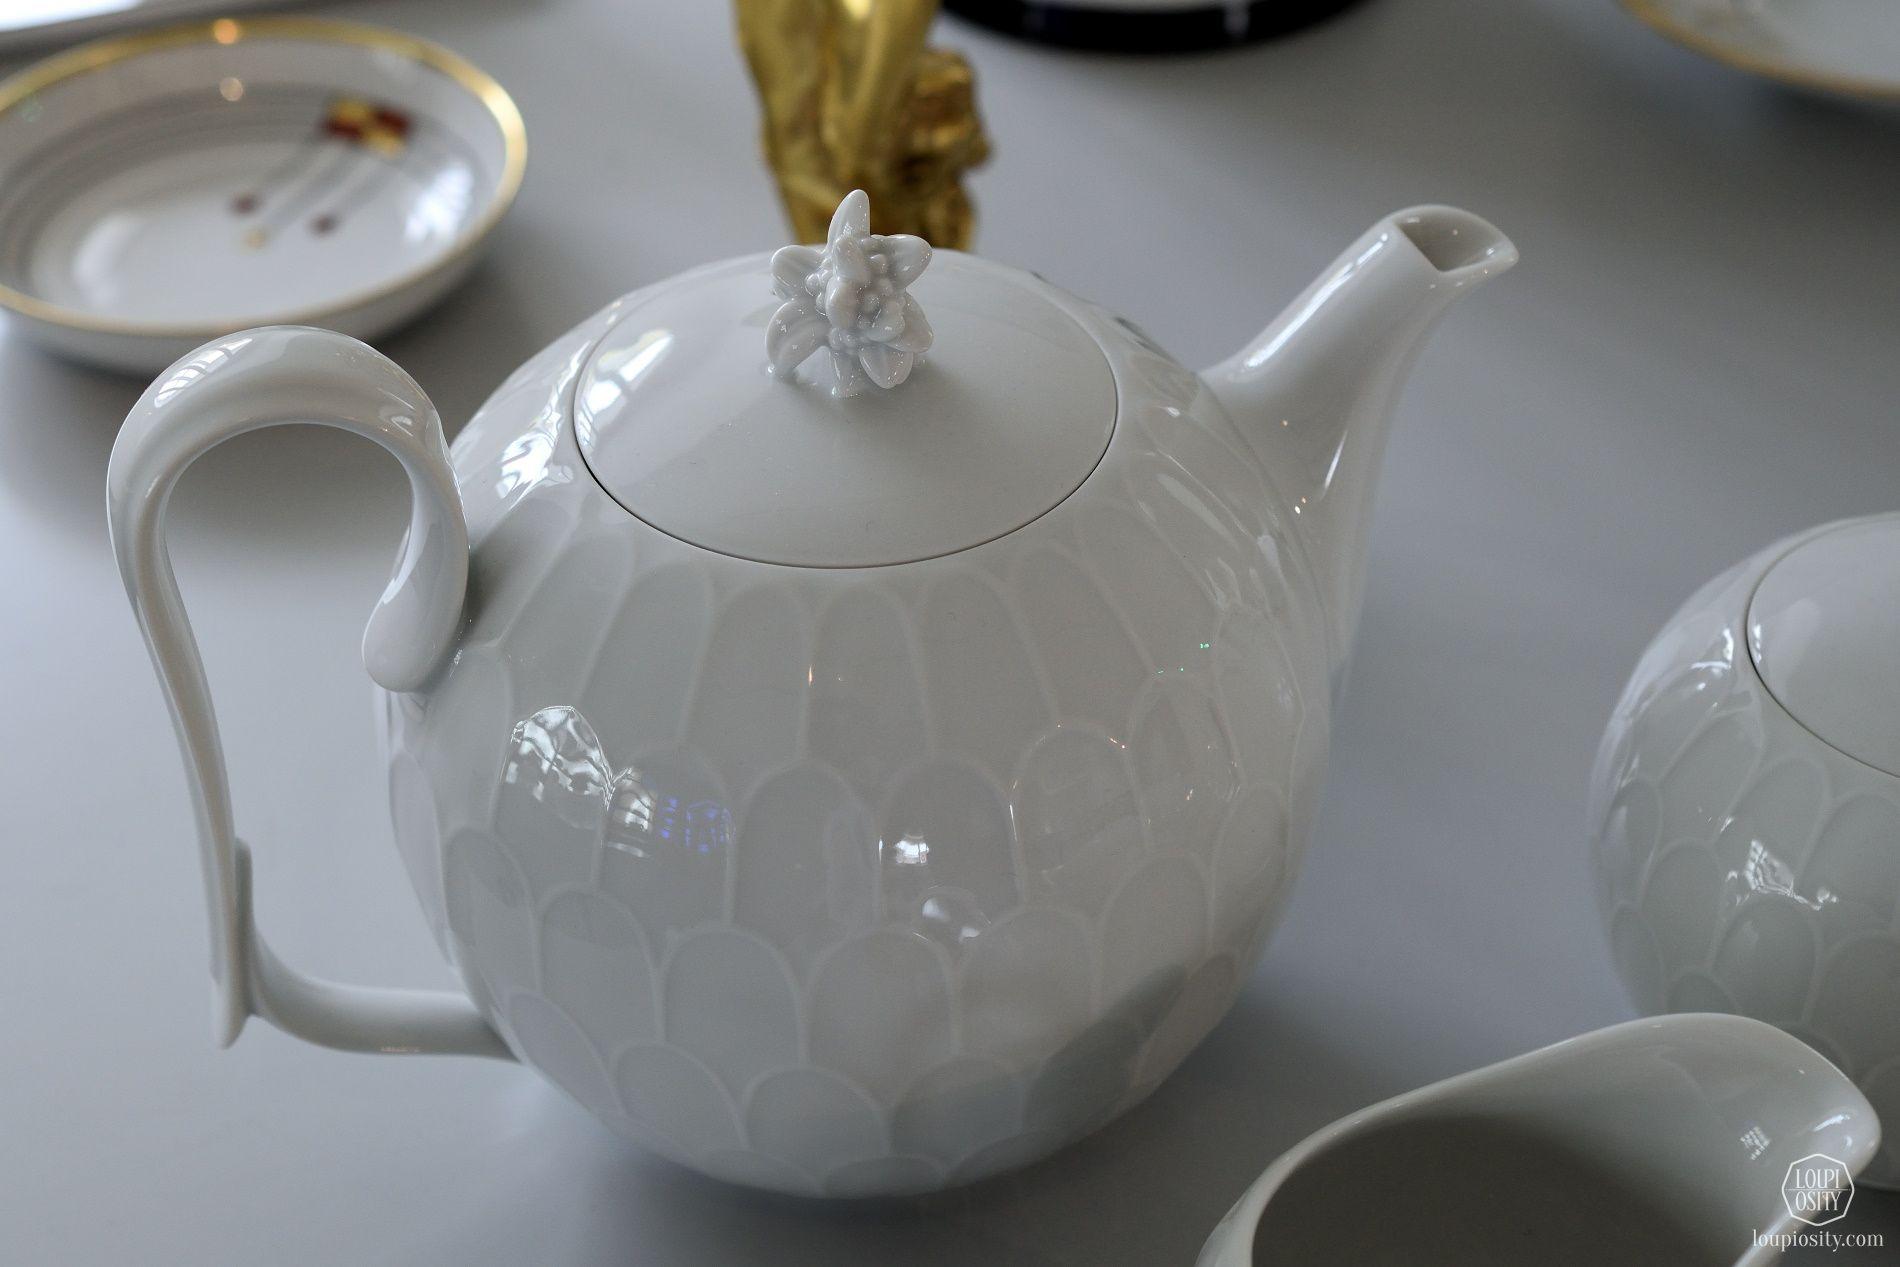 Atlantis teapot